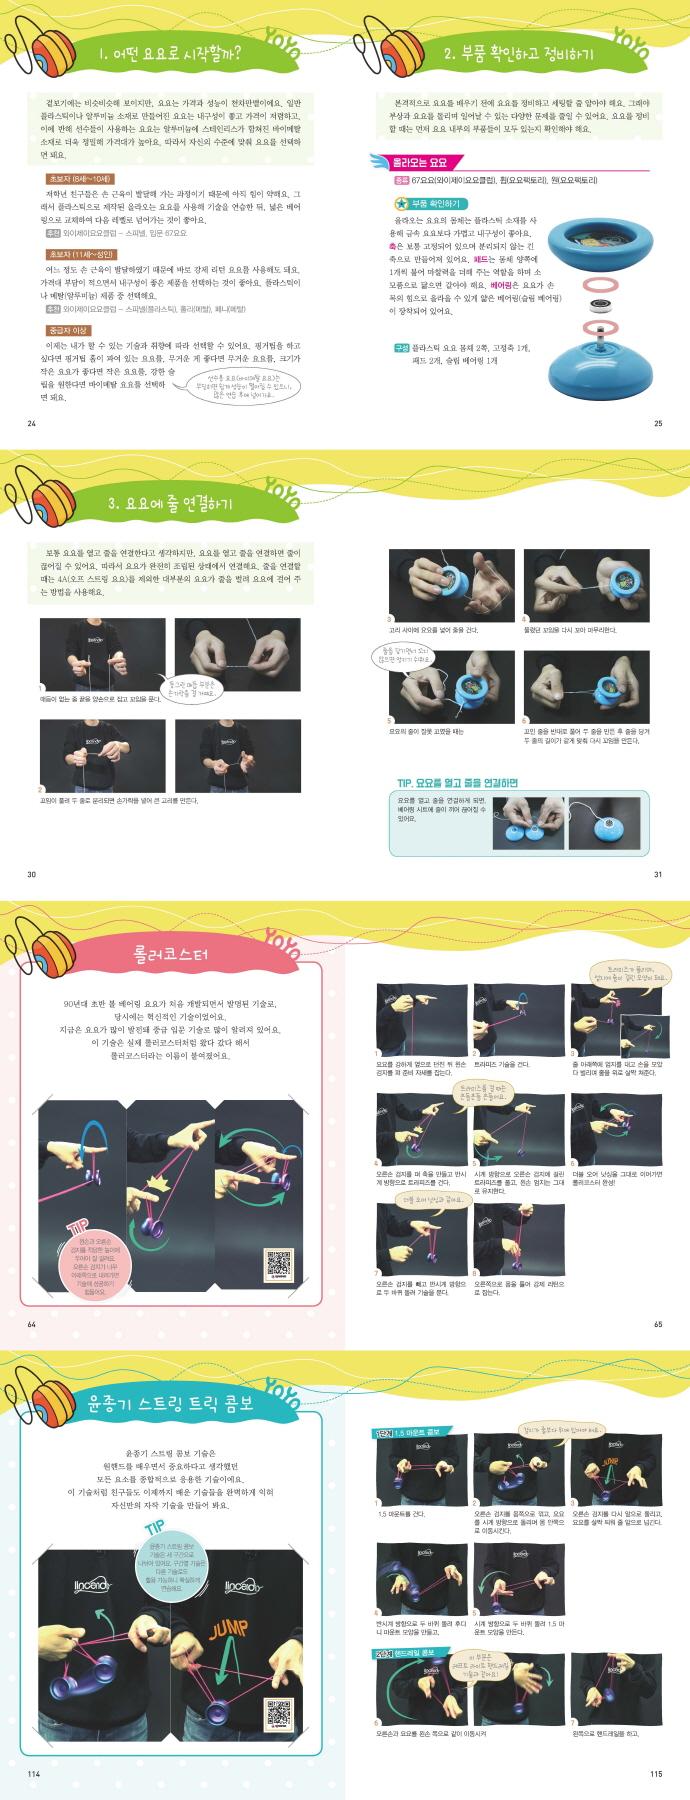 빙글빙글 요요 스쿨(요요 챔피언에게 배우는)(신나는 방과후 10) 도서 상세이미지